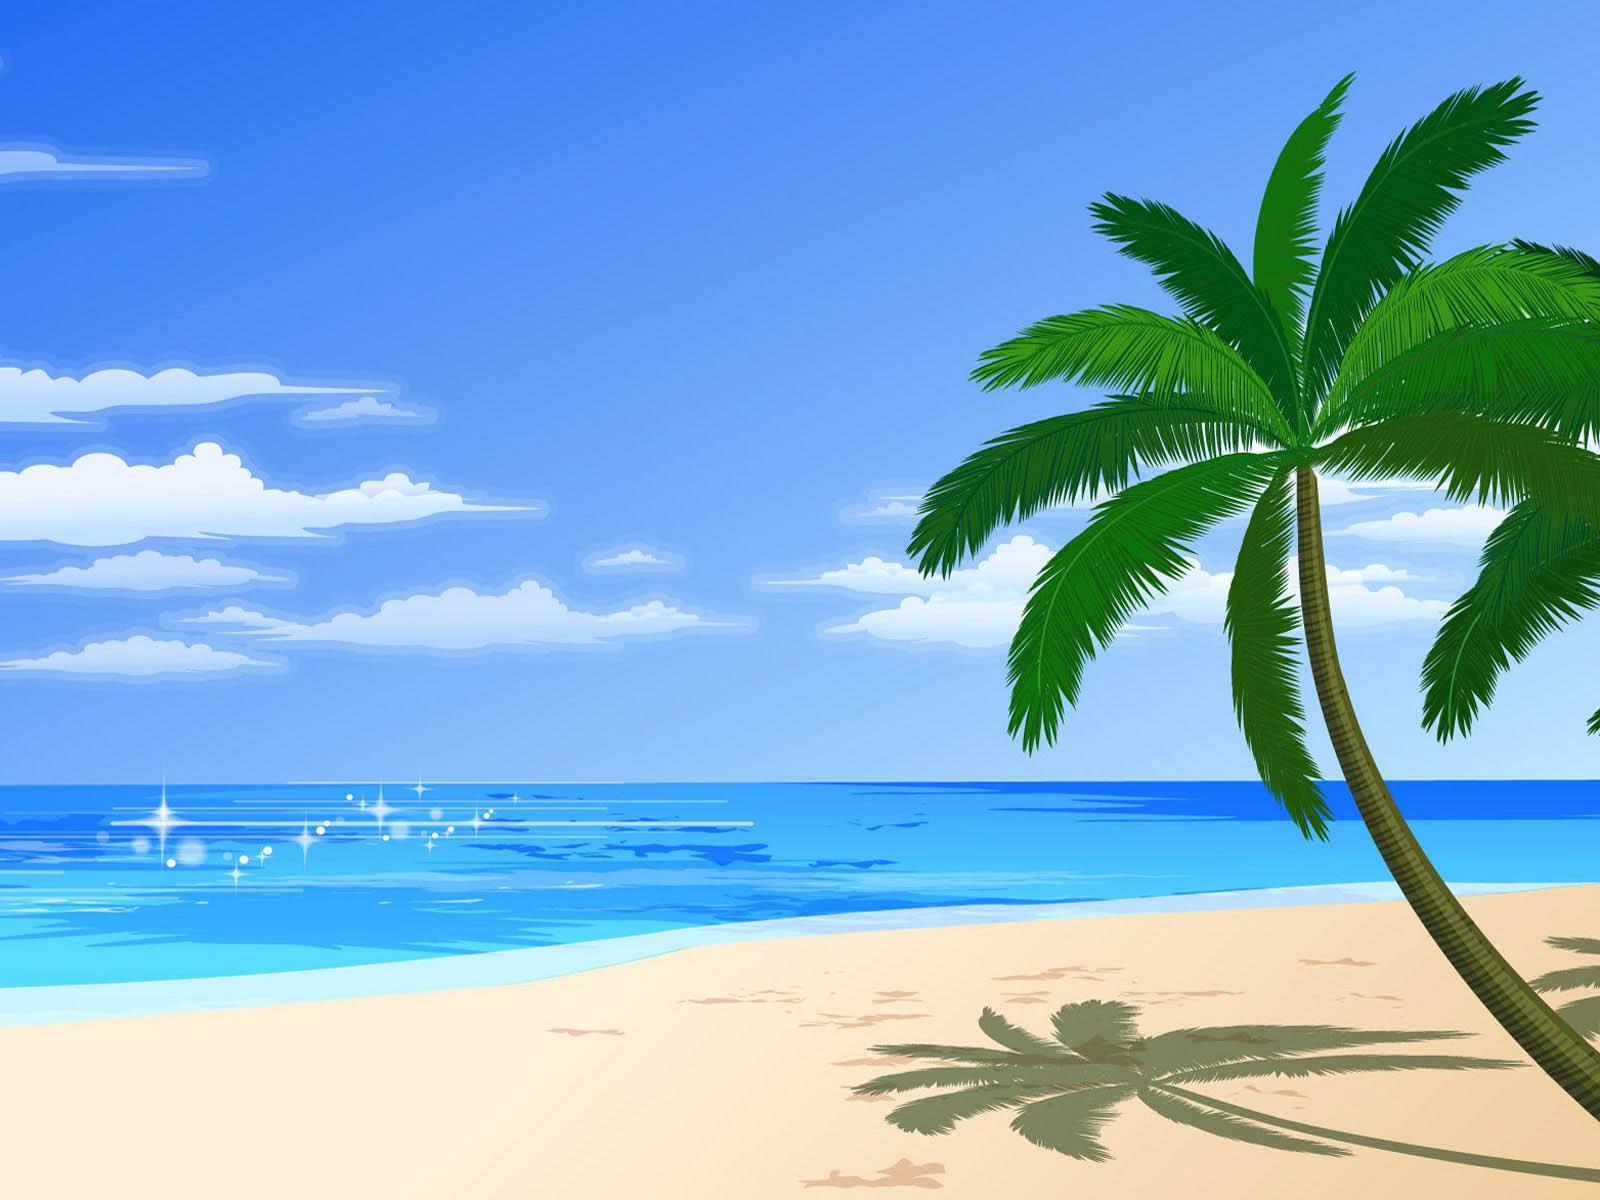 Free water beach.